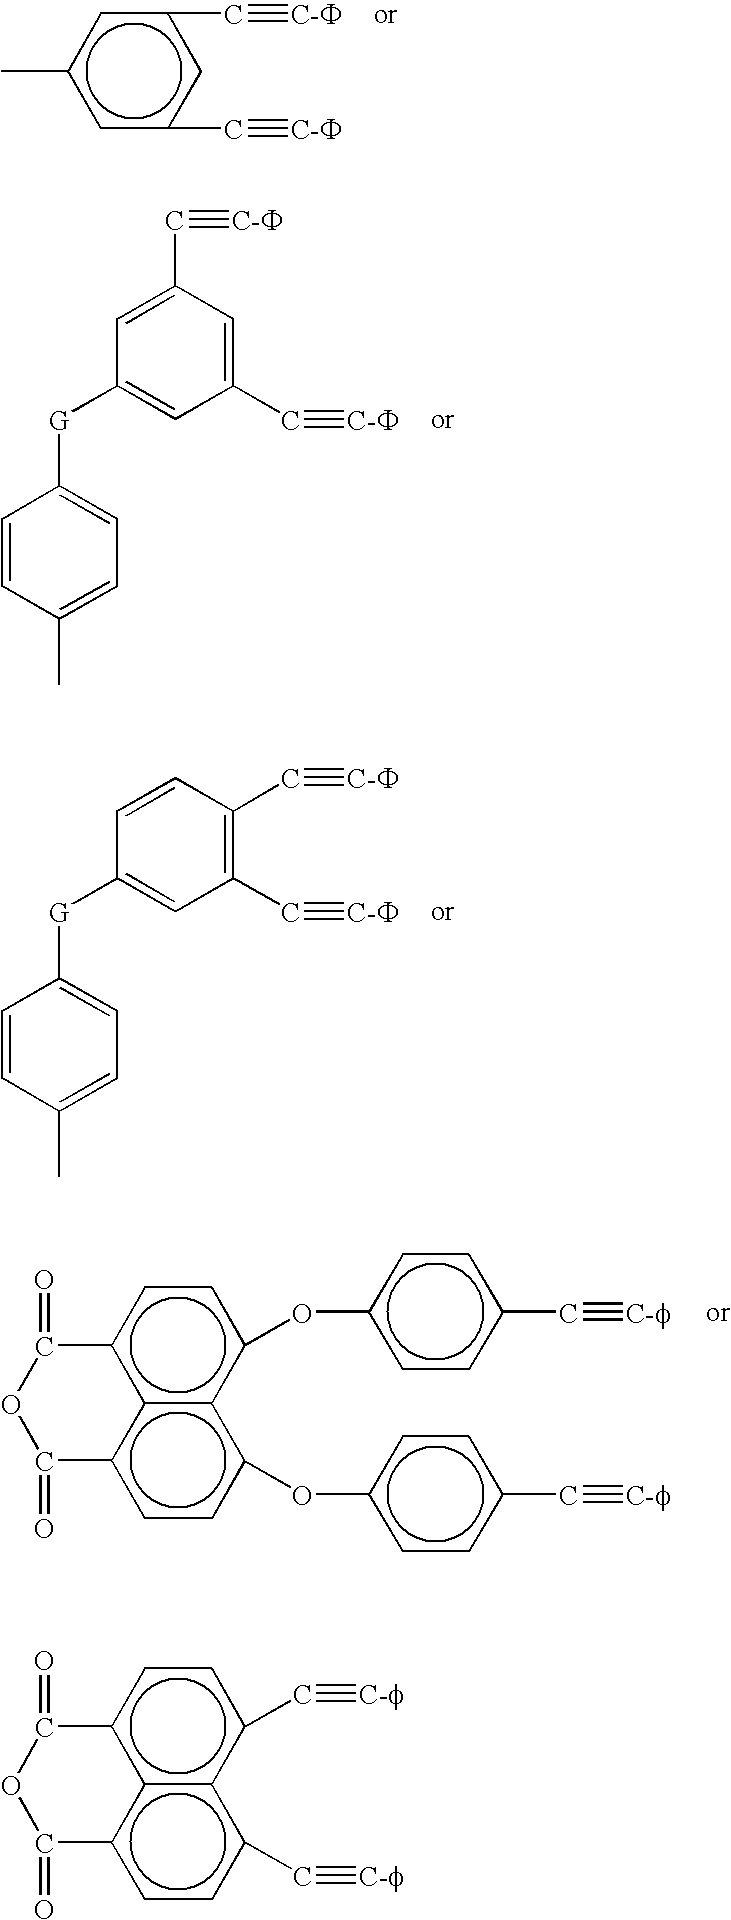 Figure US20100204412A1-20100812-C00083